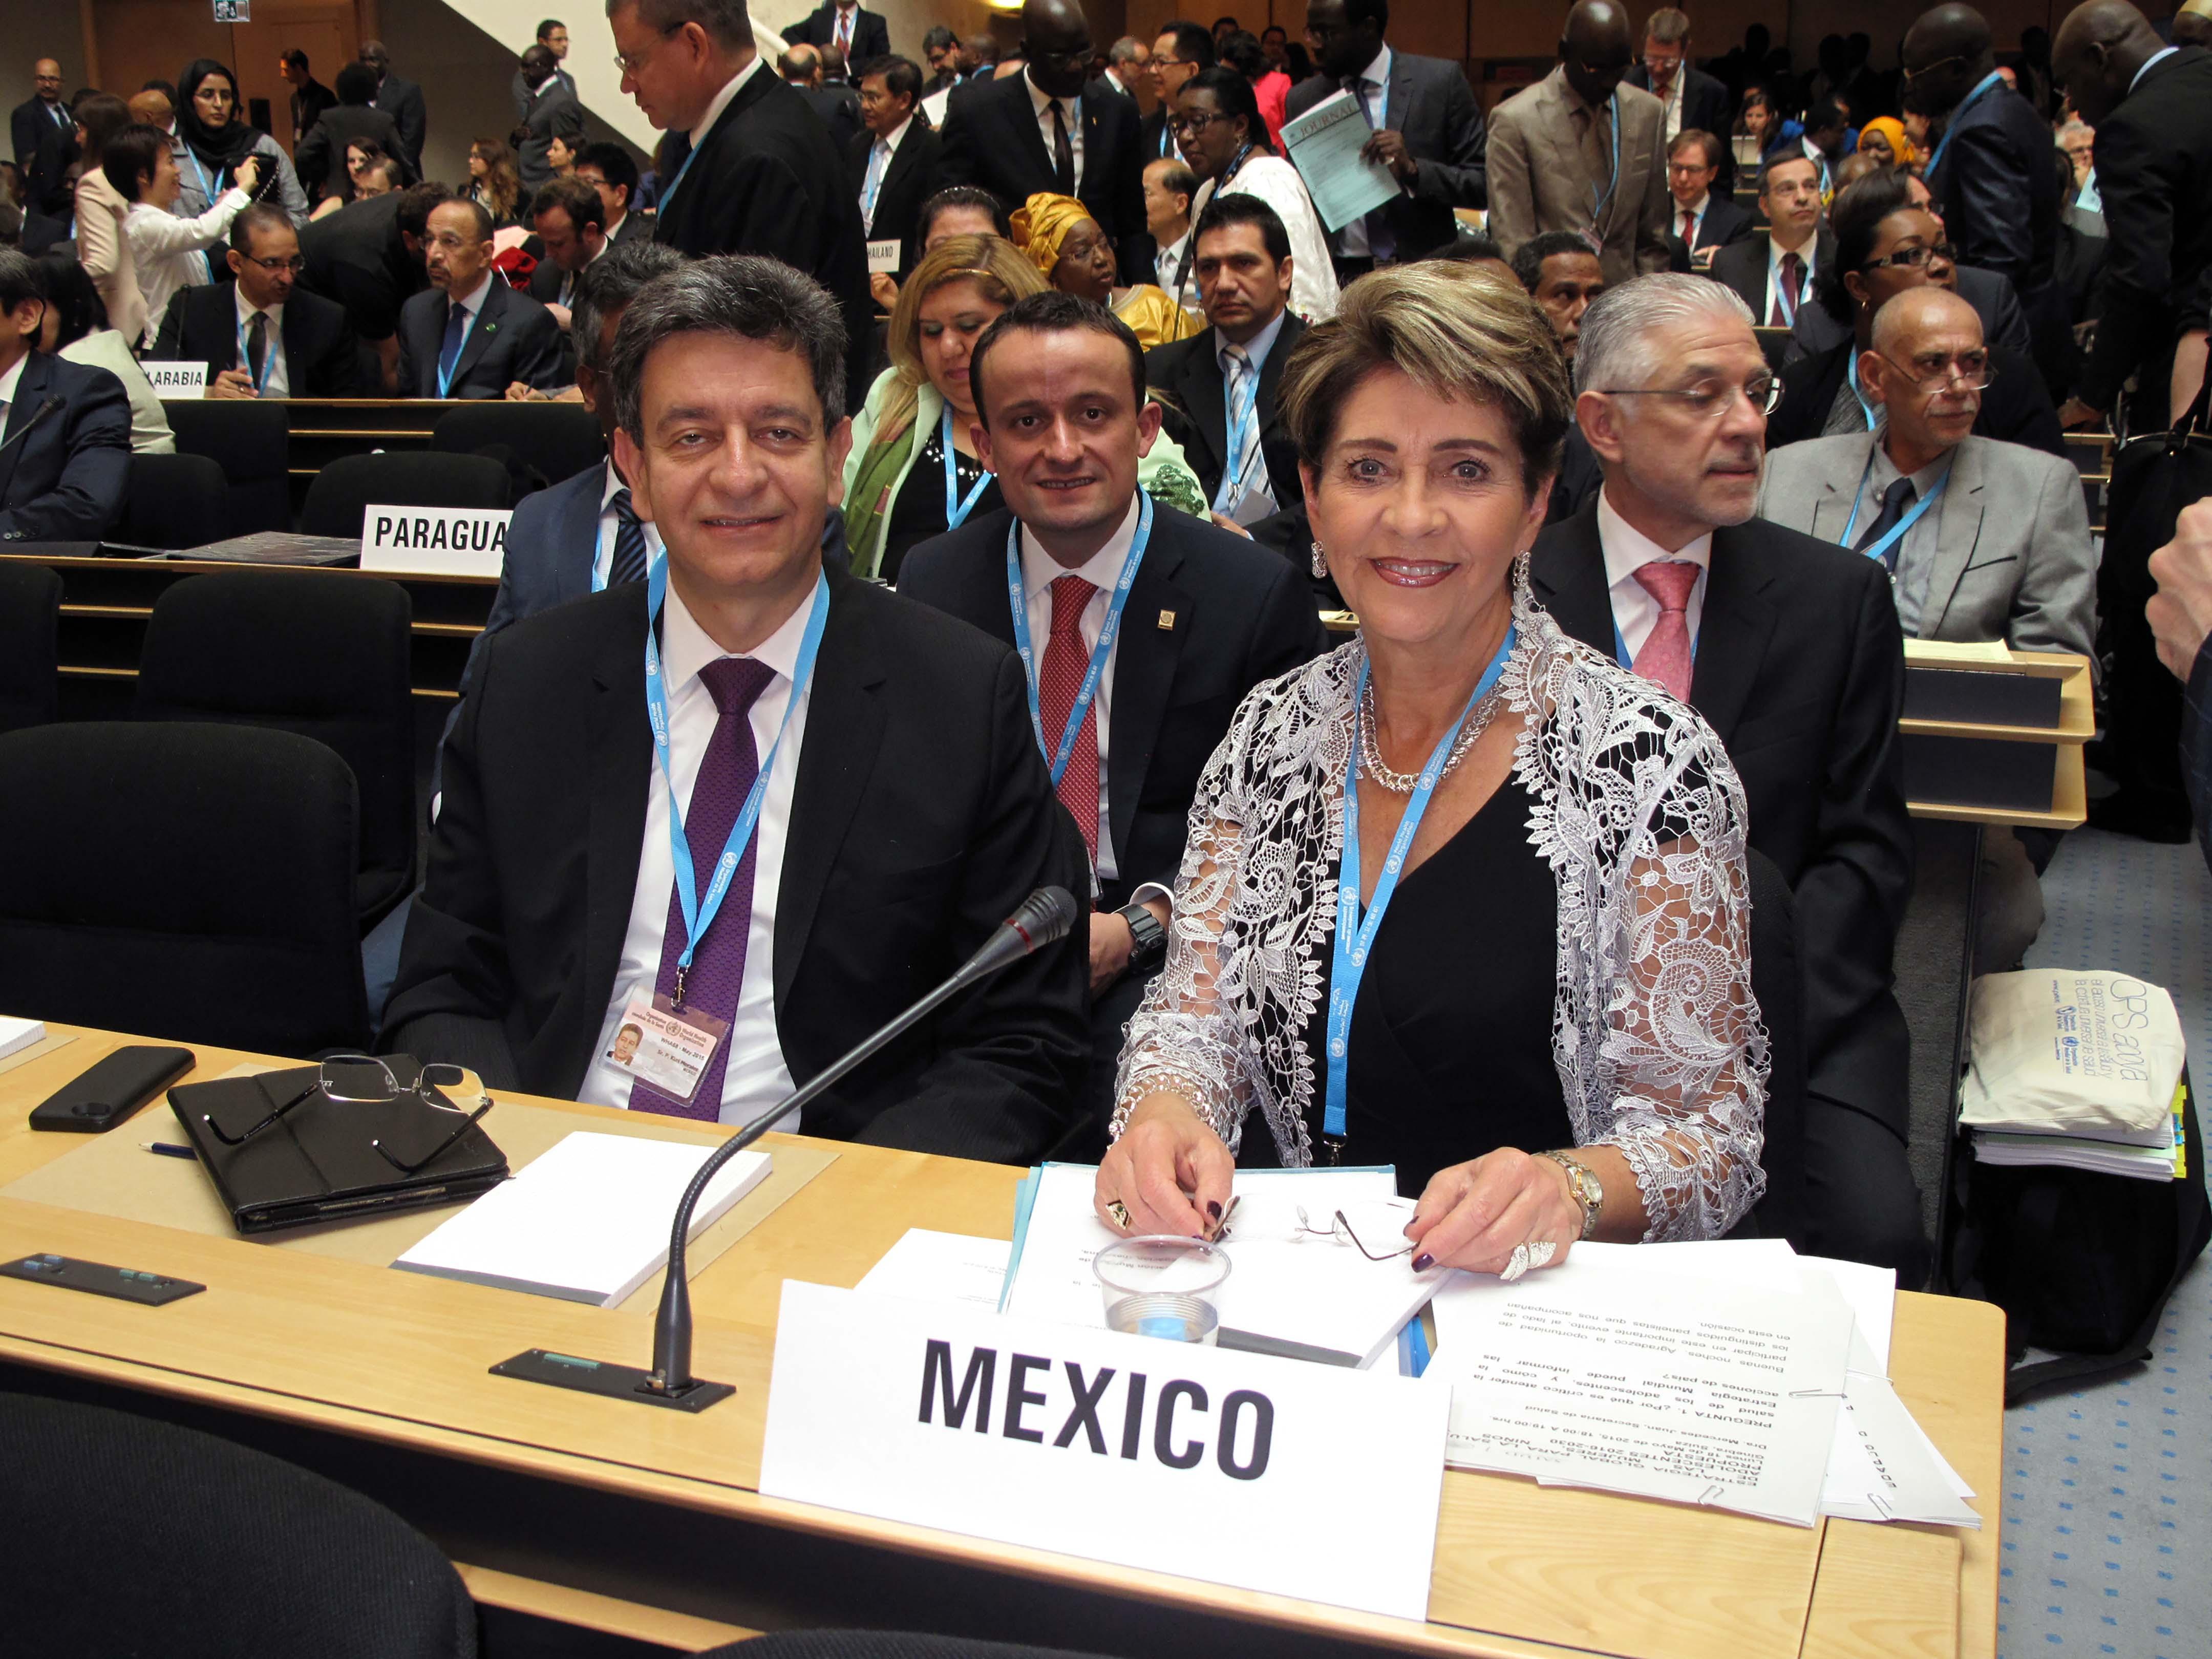 •La Secretaría de Salud de México participa en los trabajos de la 68ª Asamblea Mundial de la Salud que se realiza en Ginebra, Suiza.